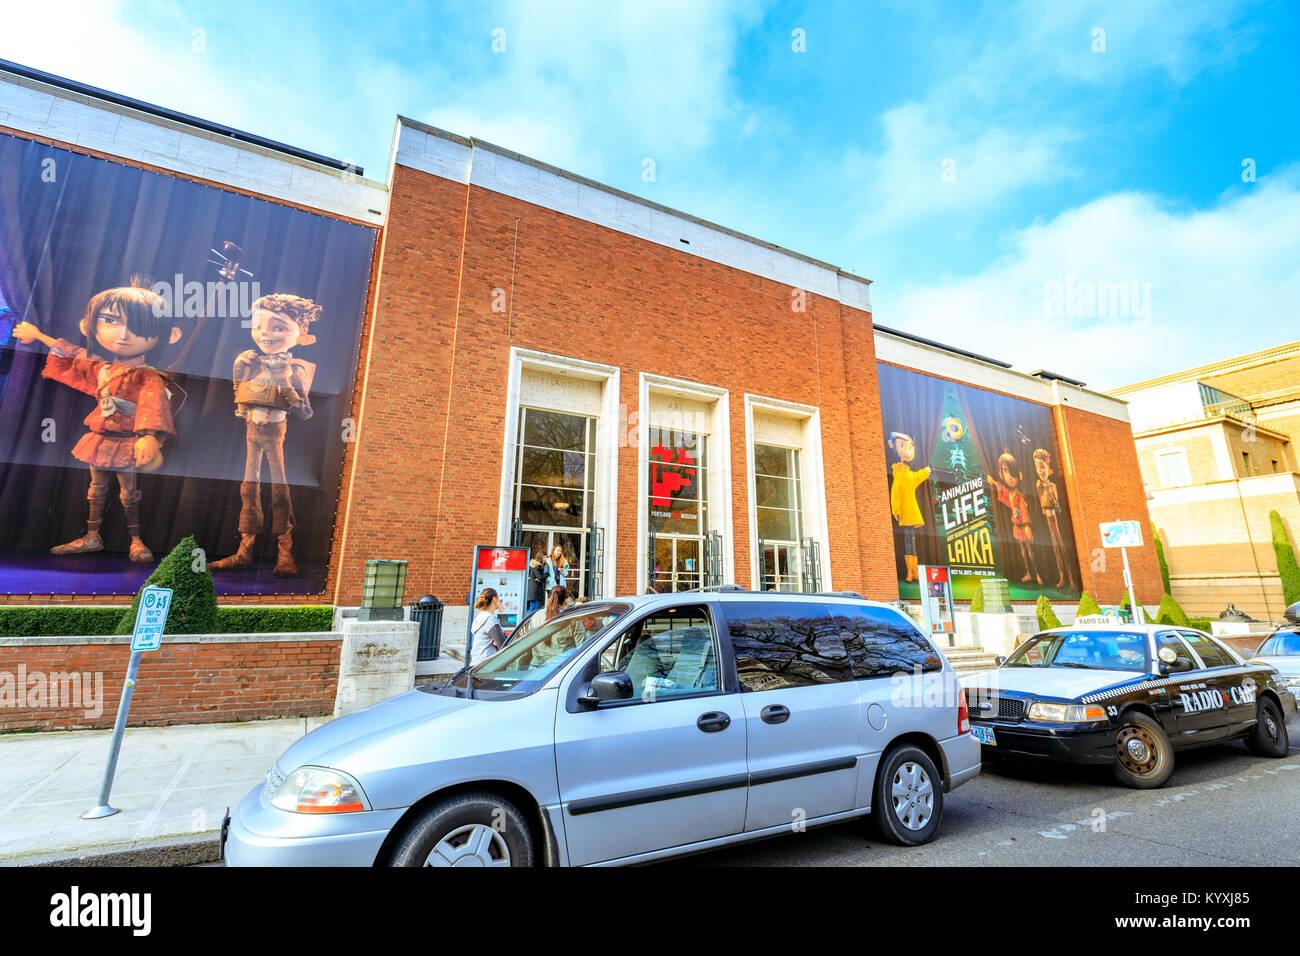 Portland, Oregon, United States - Oct 22, 2017: Façade de la Portland Art Museum. C'est le plus ancien musée d'art de la côte ouest de l'unité Banque D'Images